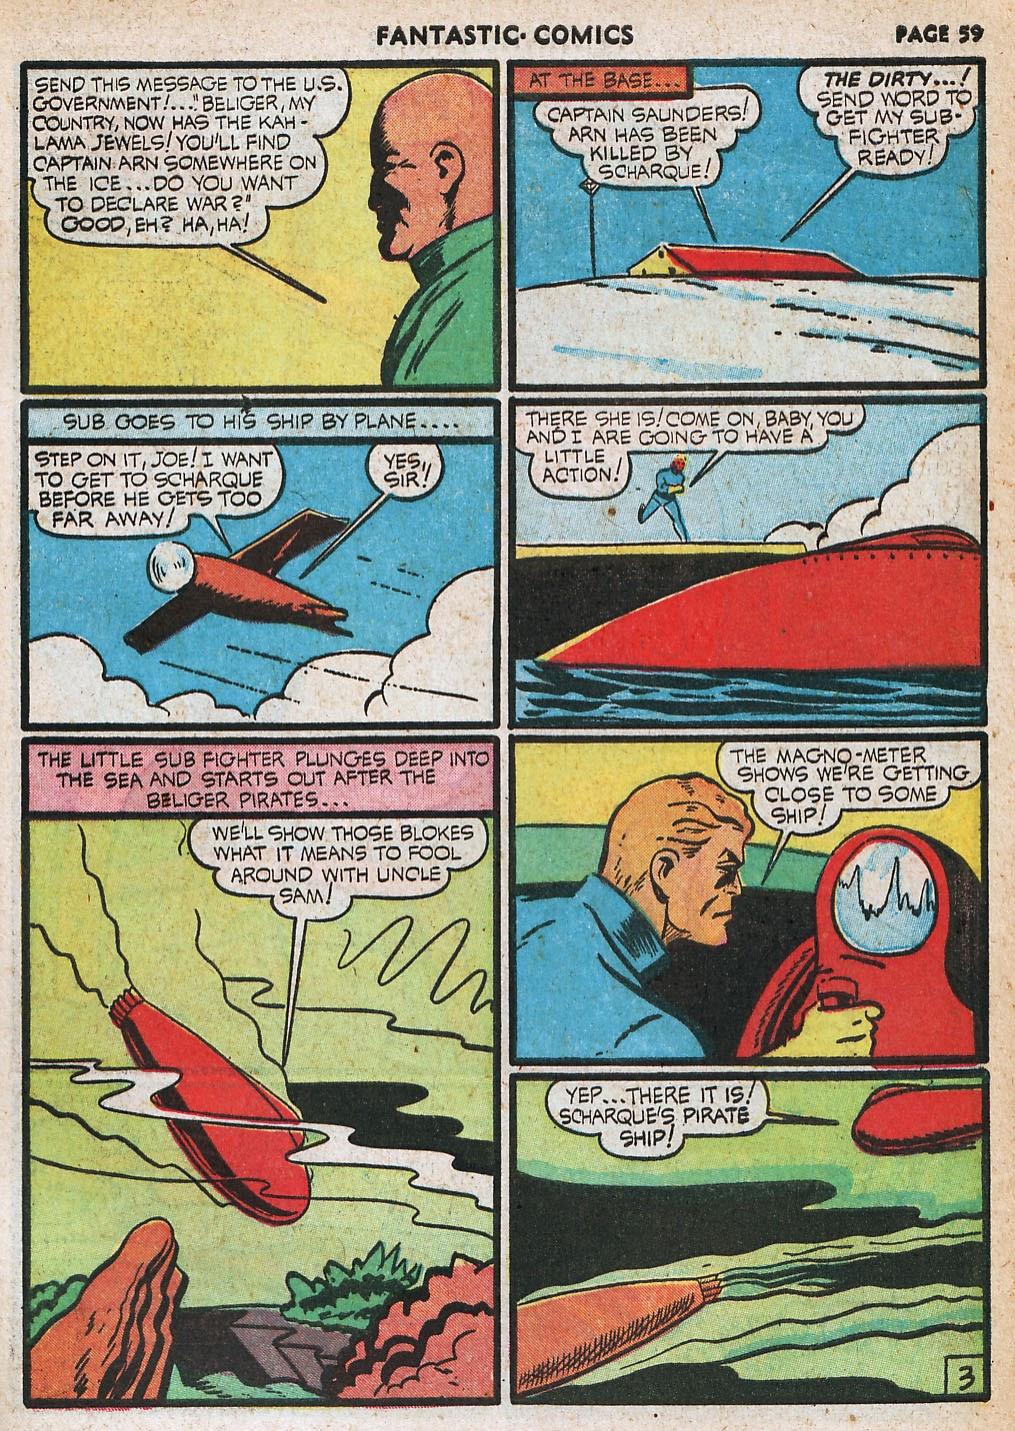 Read online Fantastic Comics comic -  Issue #20 - 59